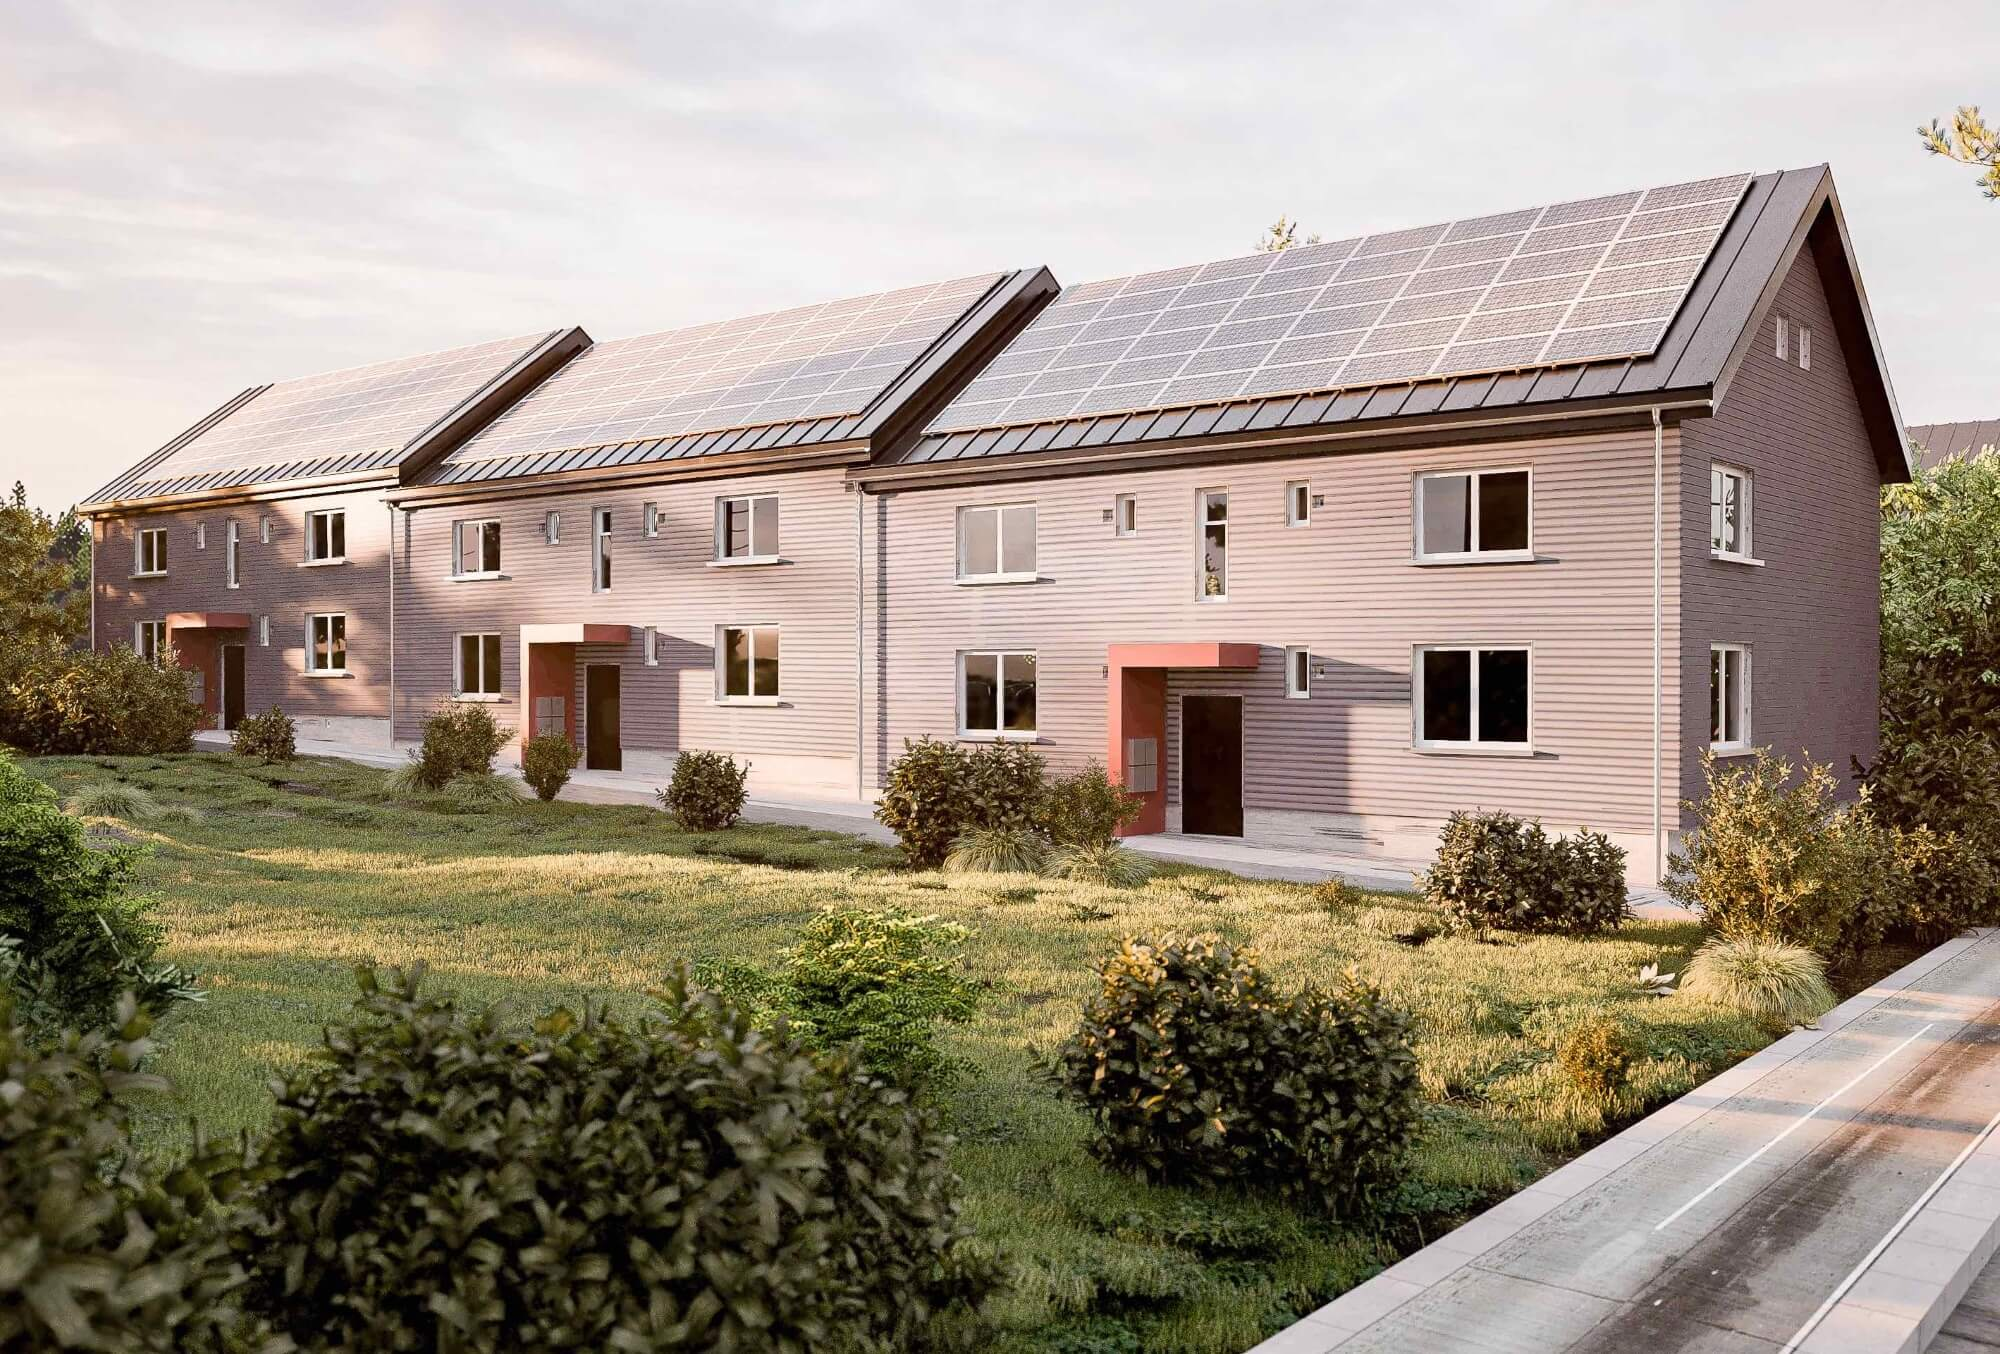 Serielle Sanierung mit Energiesprong